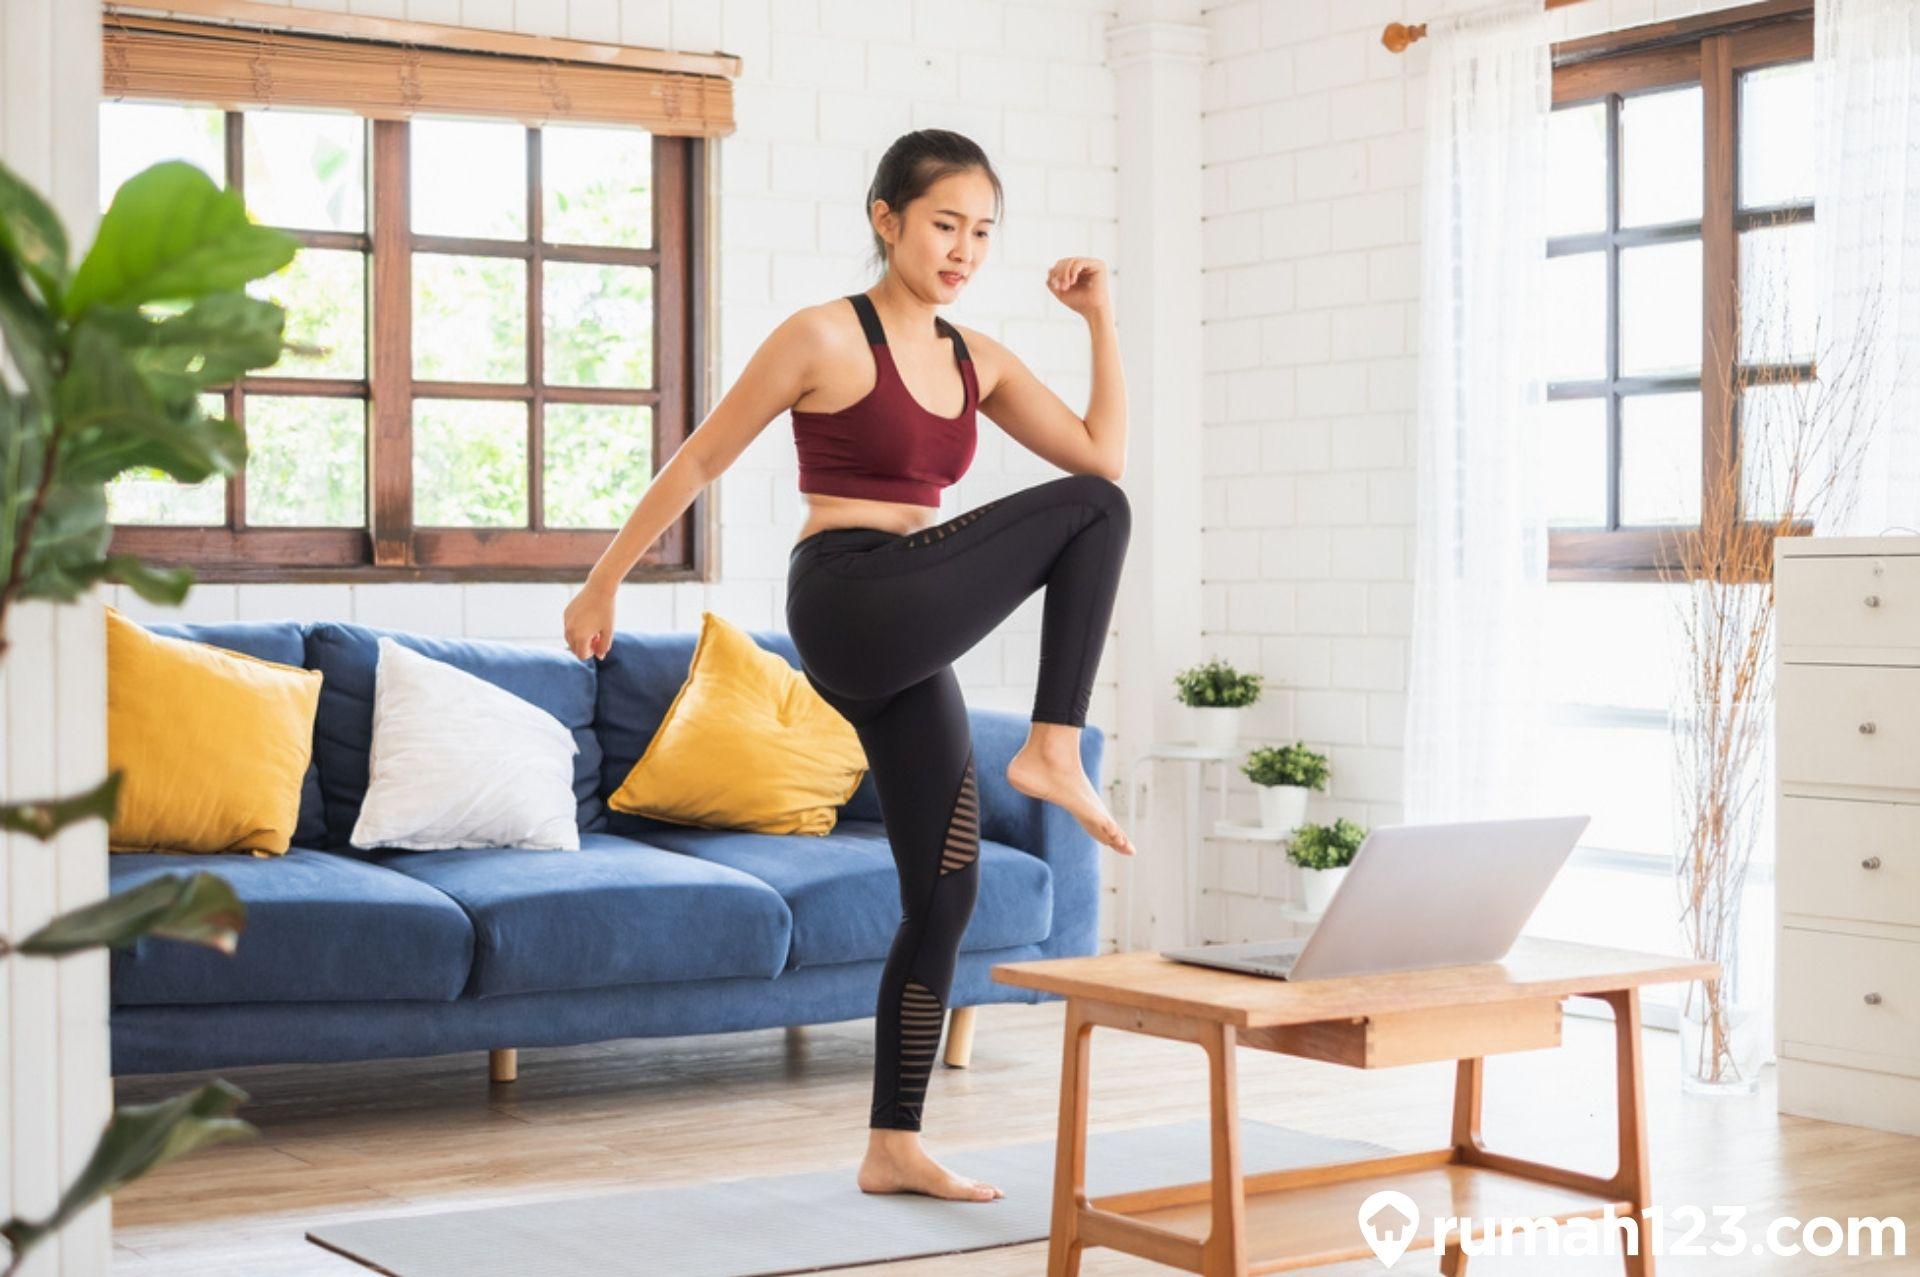 Tanpa Alat Ini 8 Jenis Olahraga Yang Cepat Menurunkan Berat Badan Di Rumah Rumah123 Com